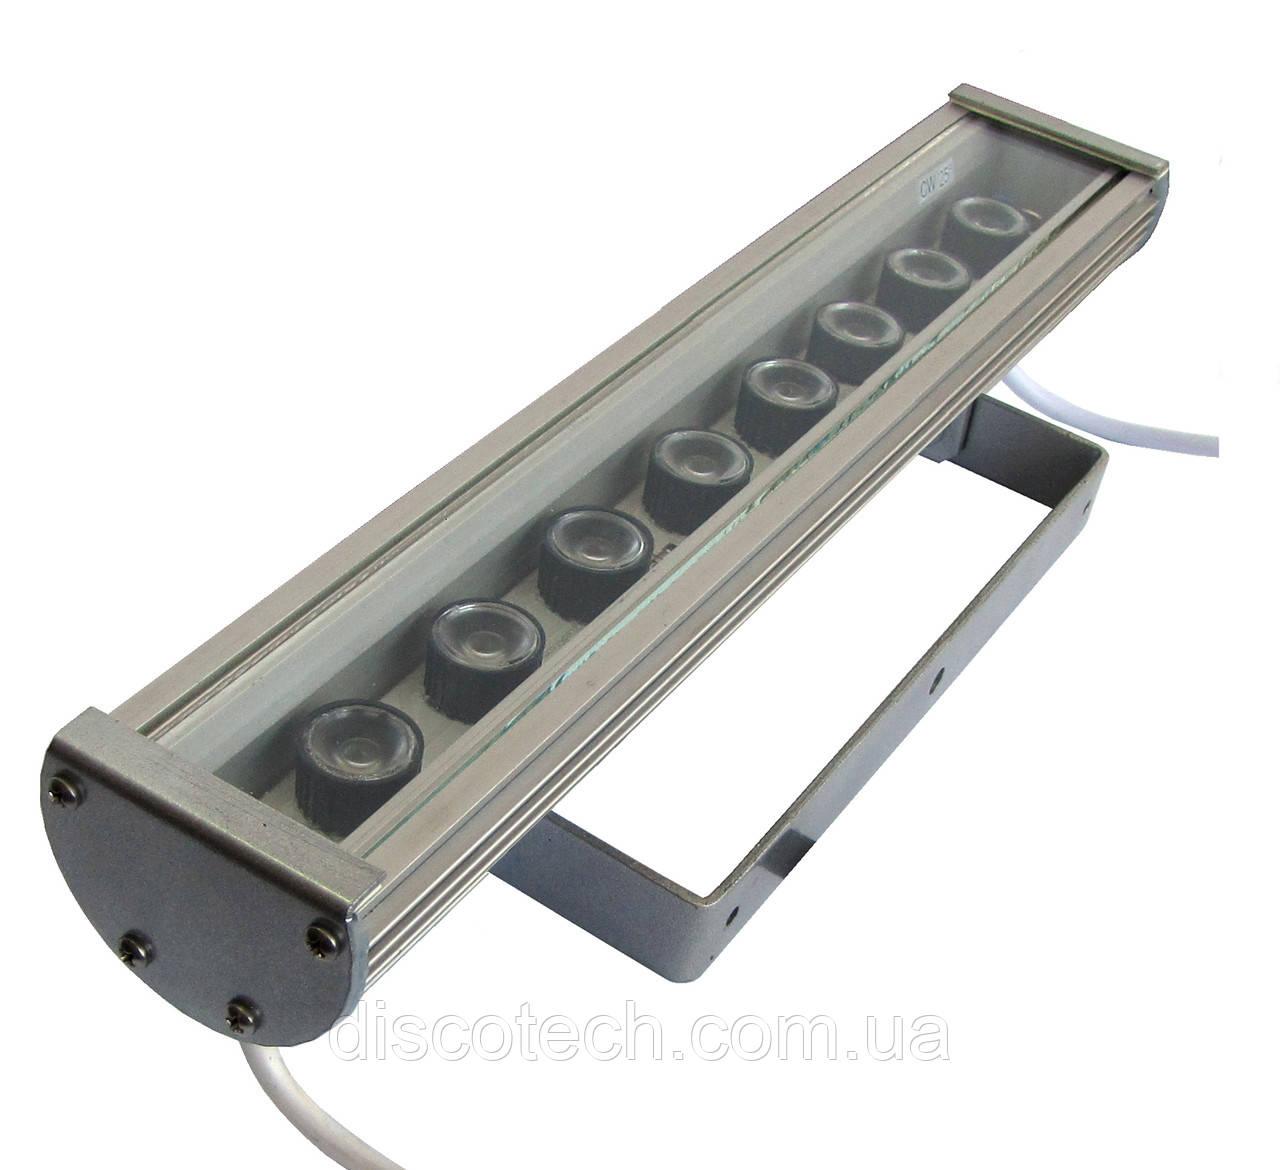 Светильник светодиодный линейный LS Line-1-20-08-0,7A-P